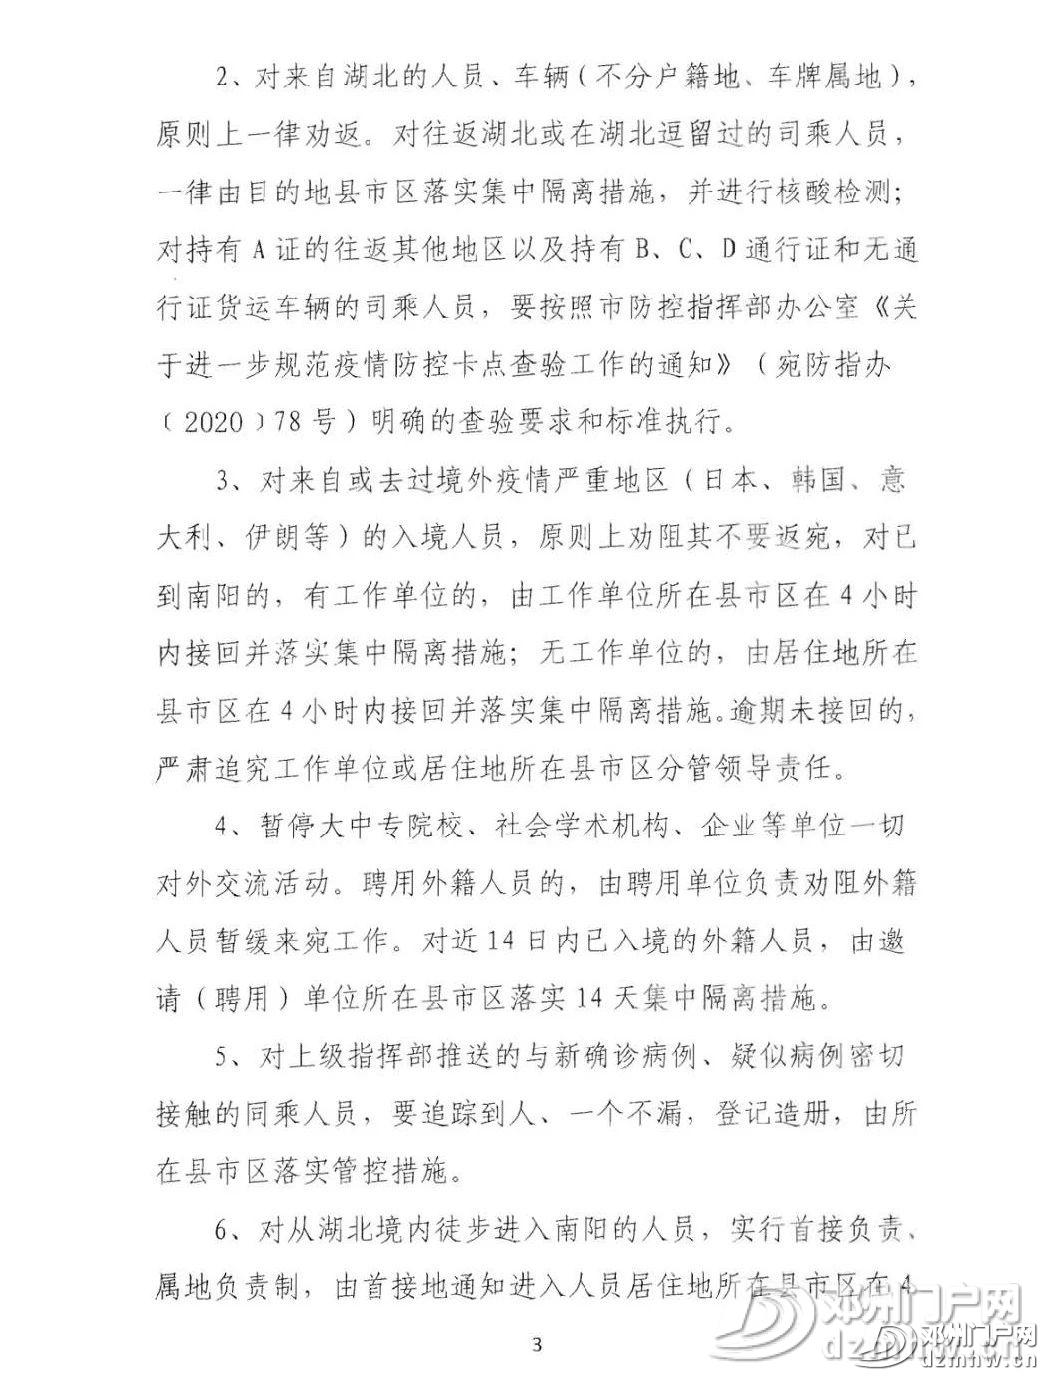 速转!关于邓州卡口撤销官方文件已出! - 邓州门户网 邓州网 - 42de417d0187deaade0bf9ed931feaf3.jpg